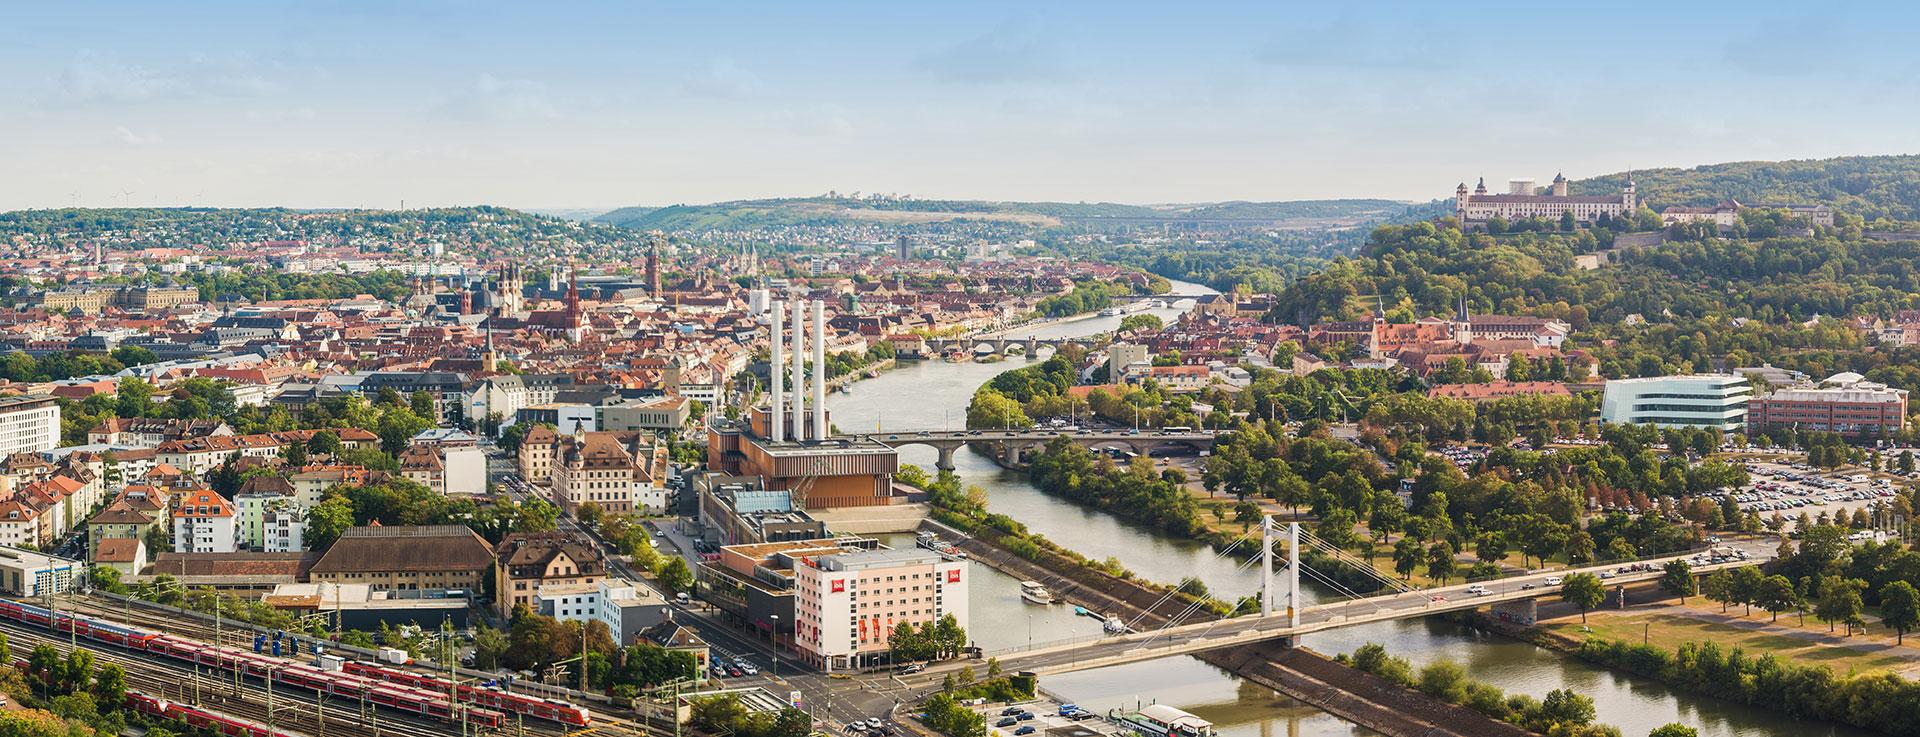 Panorama Blick auf Würzburg Stadt Franken